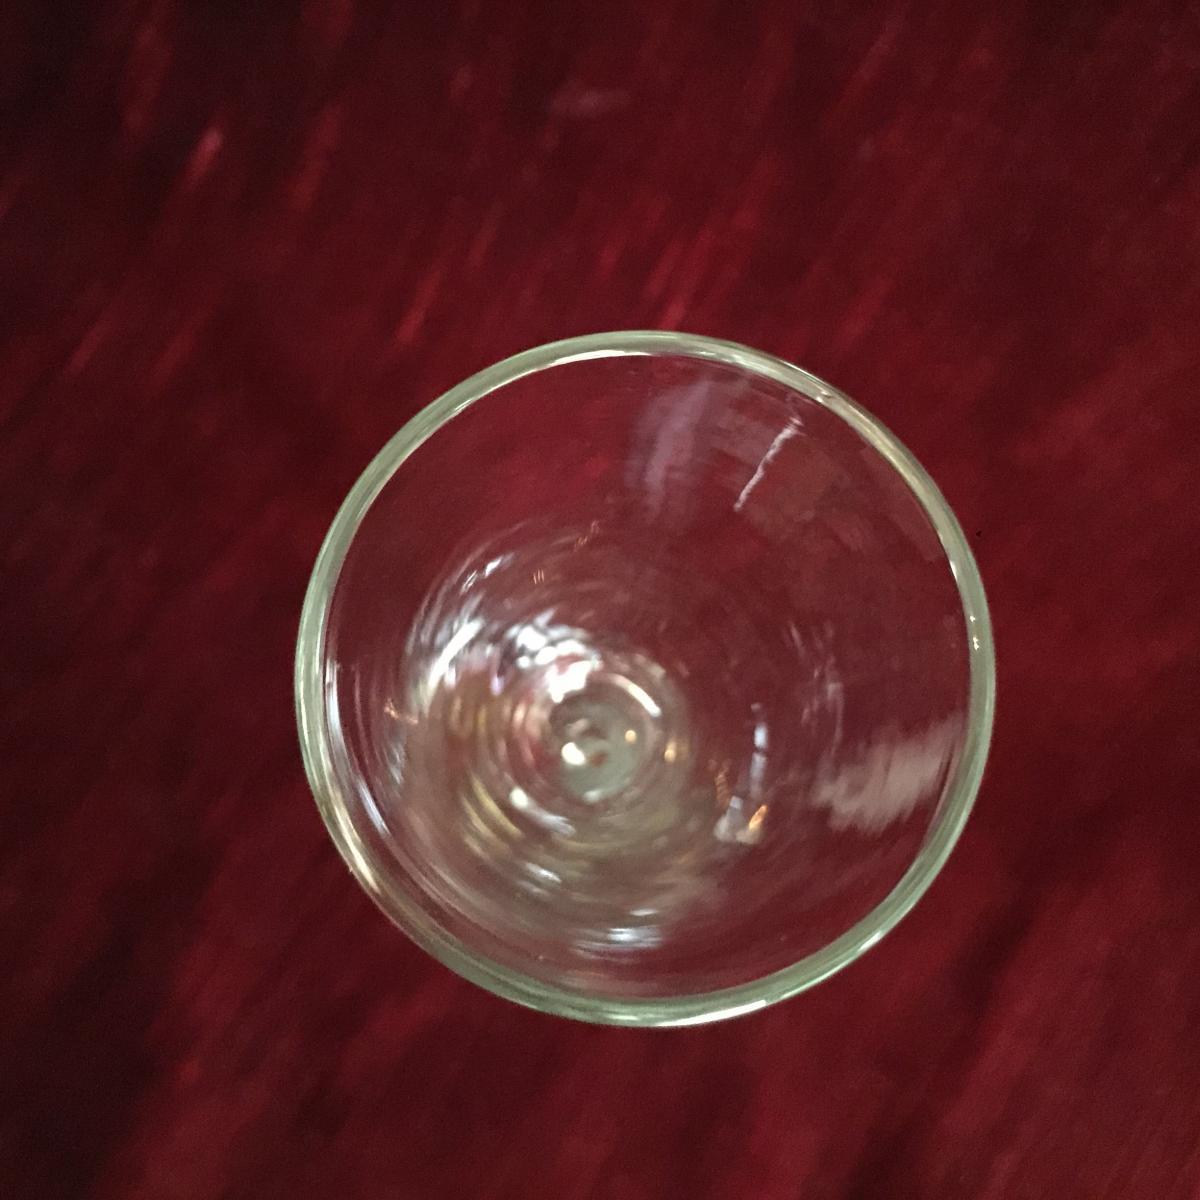 Verre à Pied - Verre à Jambe Twistée Filigranée - Verrrerie fin XVIIIè-débXIXème - Angleterre ?-photo-5